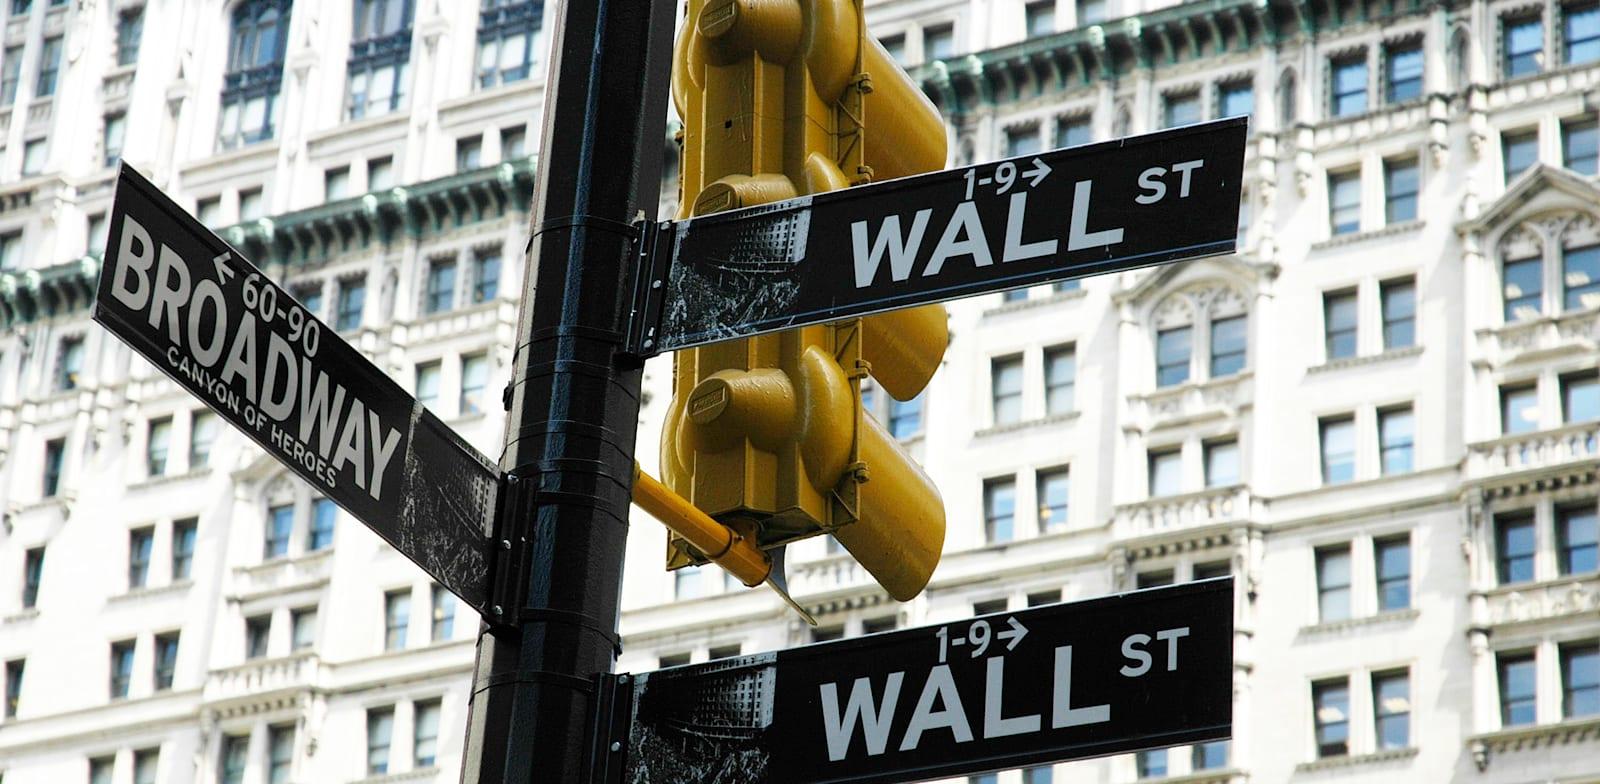 וול סטריט בניו יורק / צילום: תמר מצפי